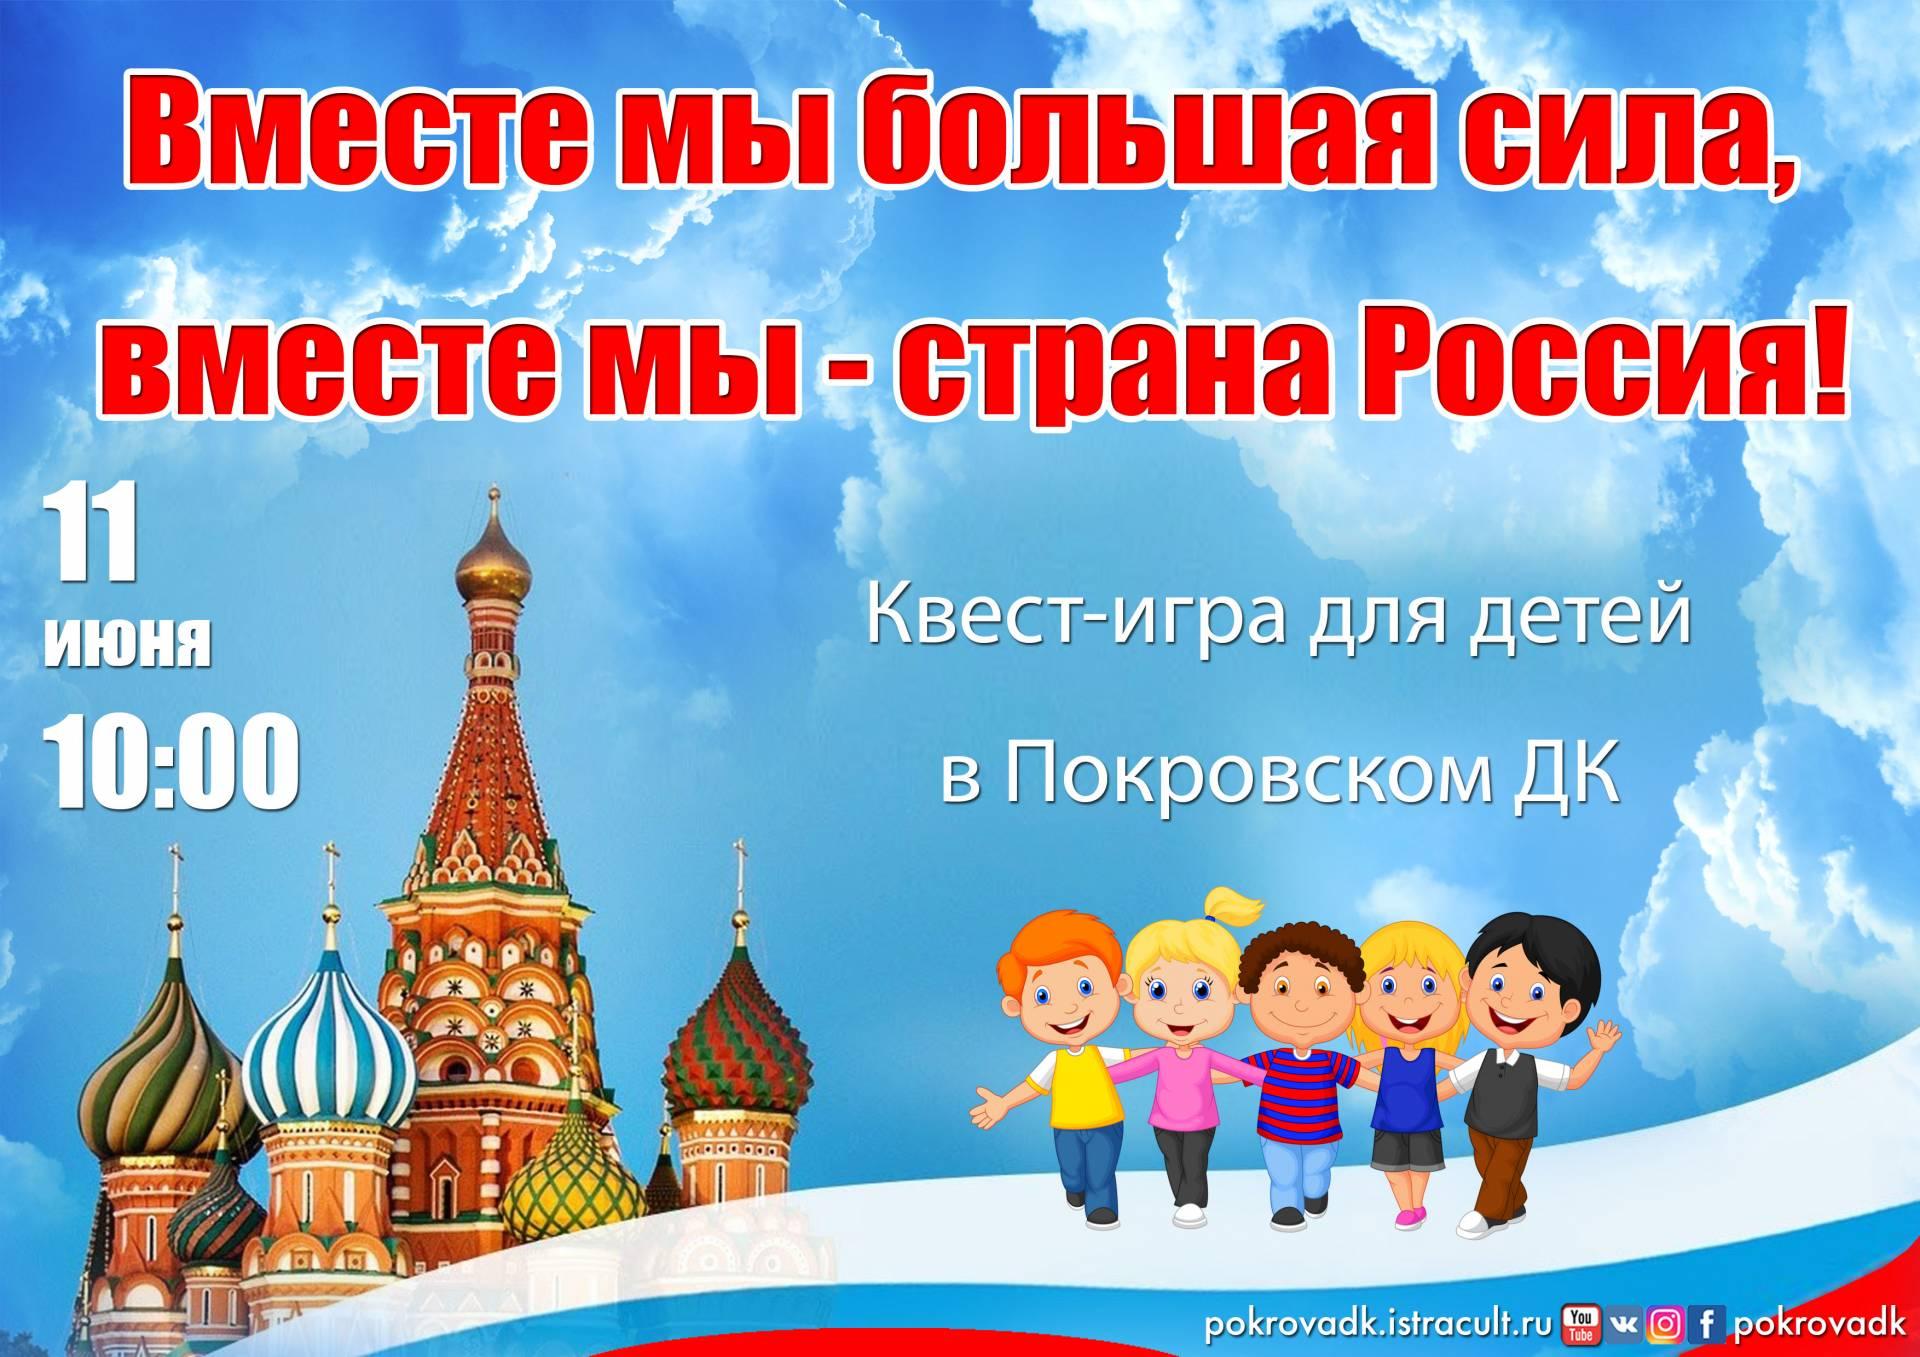 ВМЕСТЕ МЫ БОЛЬШАЯ СИЛА, ВМЕСТЕ МЫ - СТРАНА РОССИЯ! ИГРА-КВЕСТ